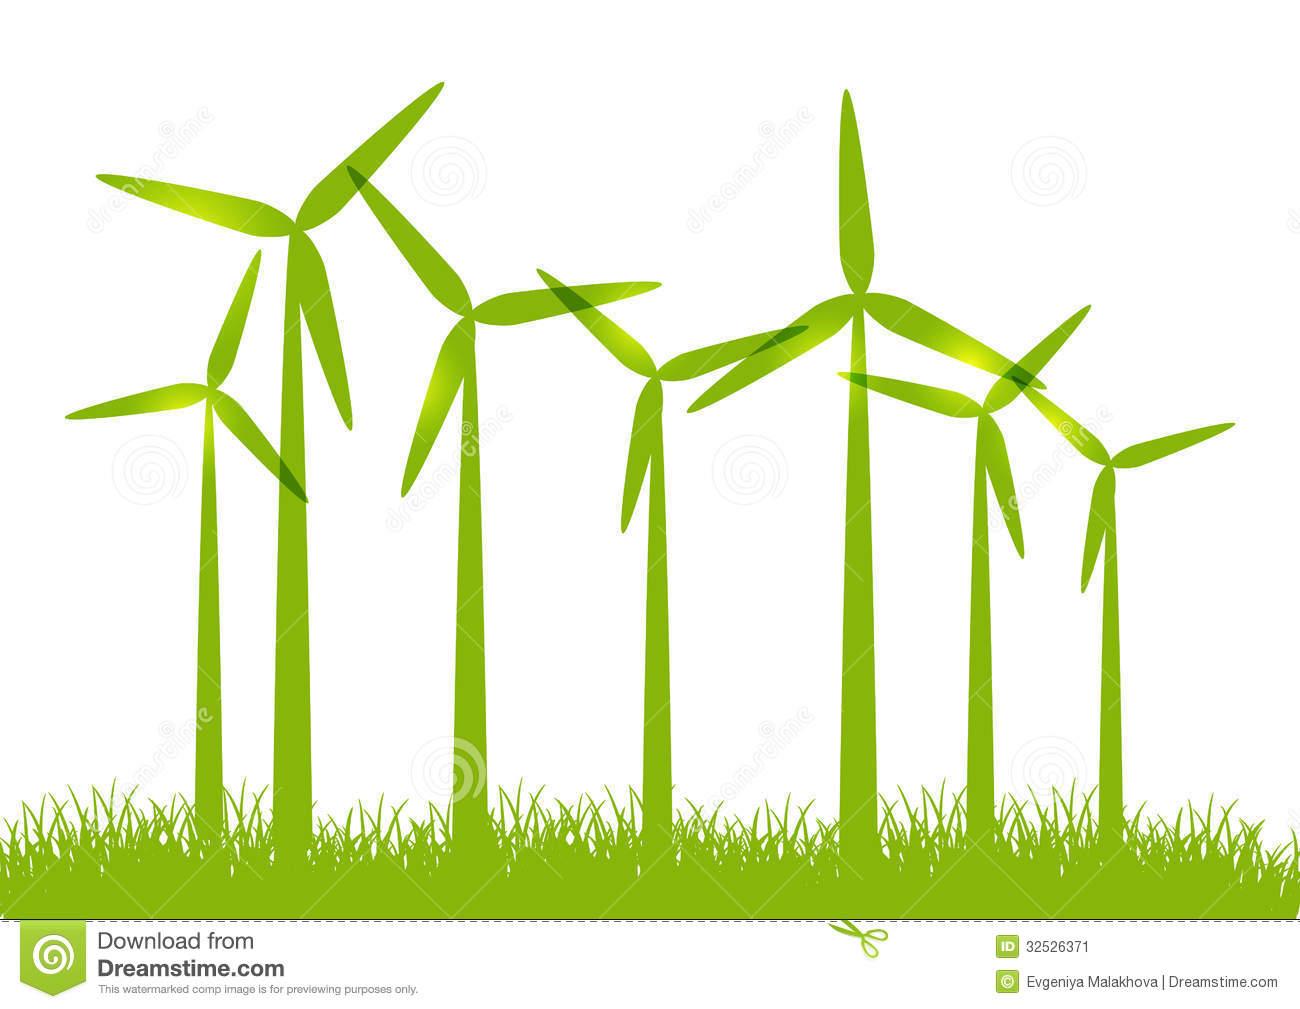 Turbine clipart wind power Wind Clipart (67+) green turbine